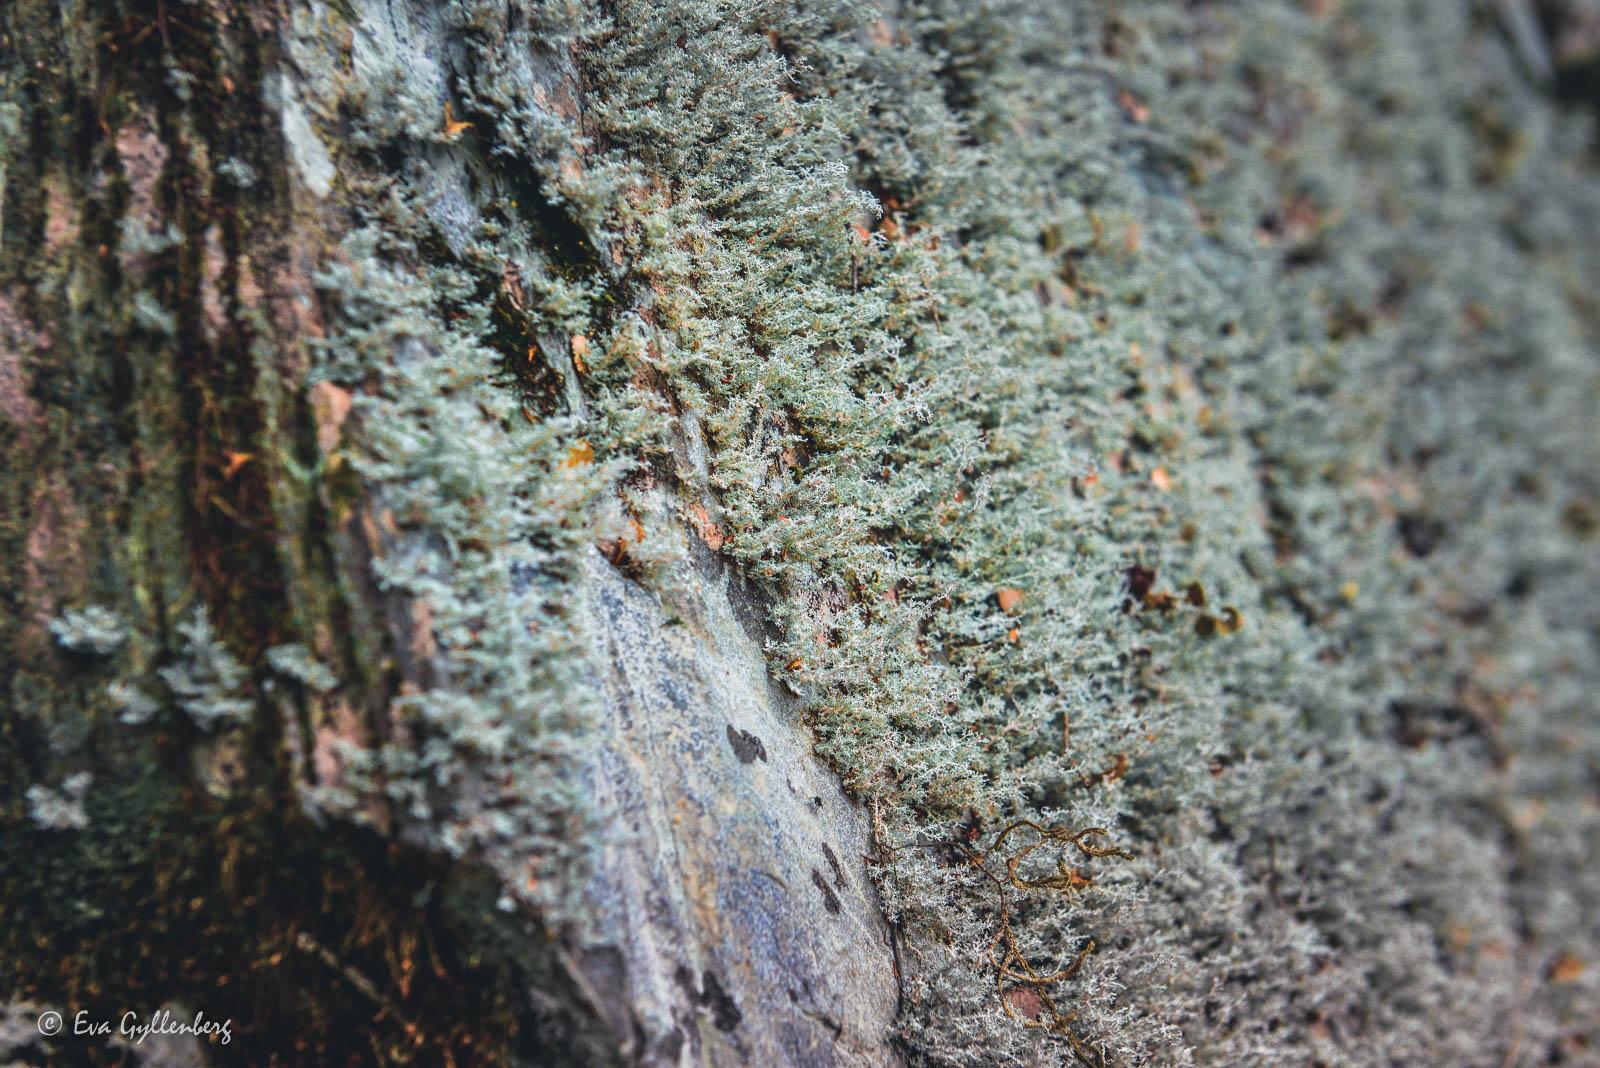 Mossbeklädda stenar i Mount Aspiring